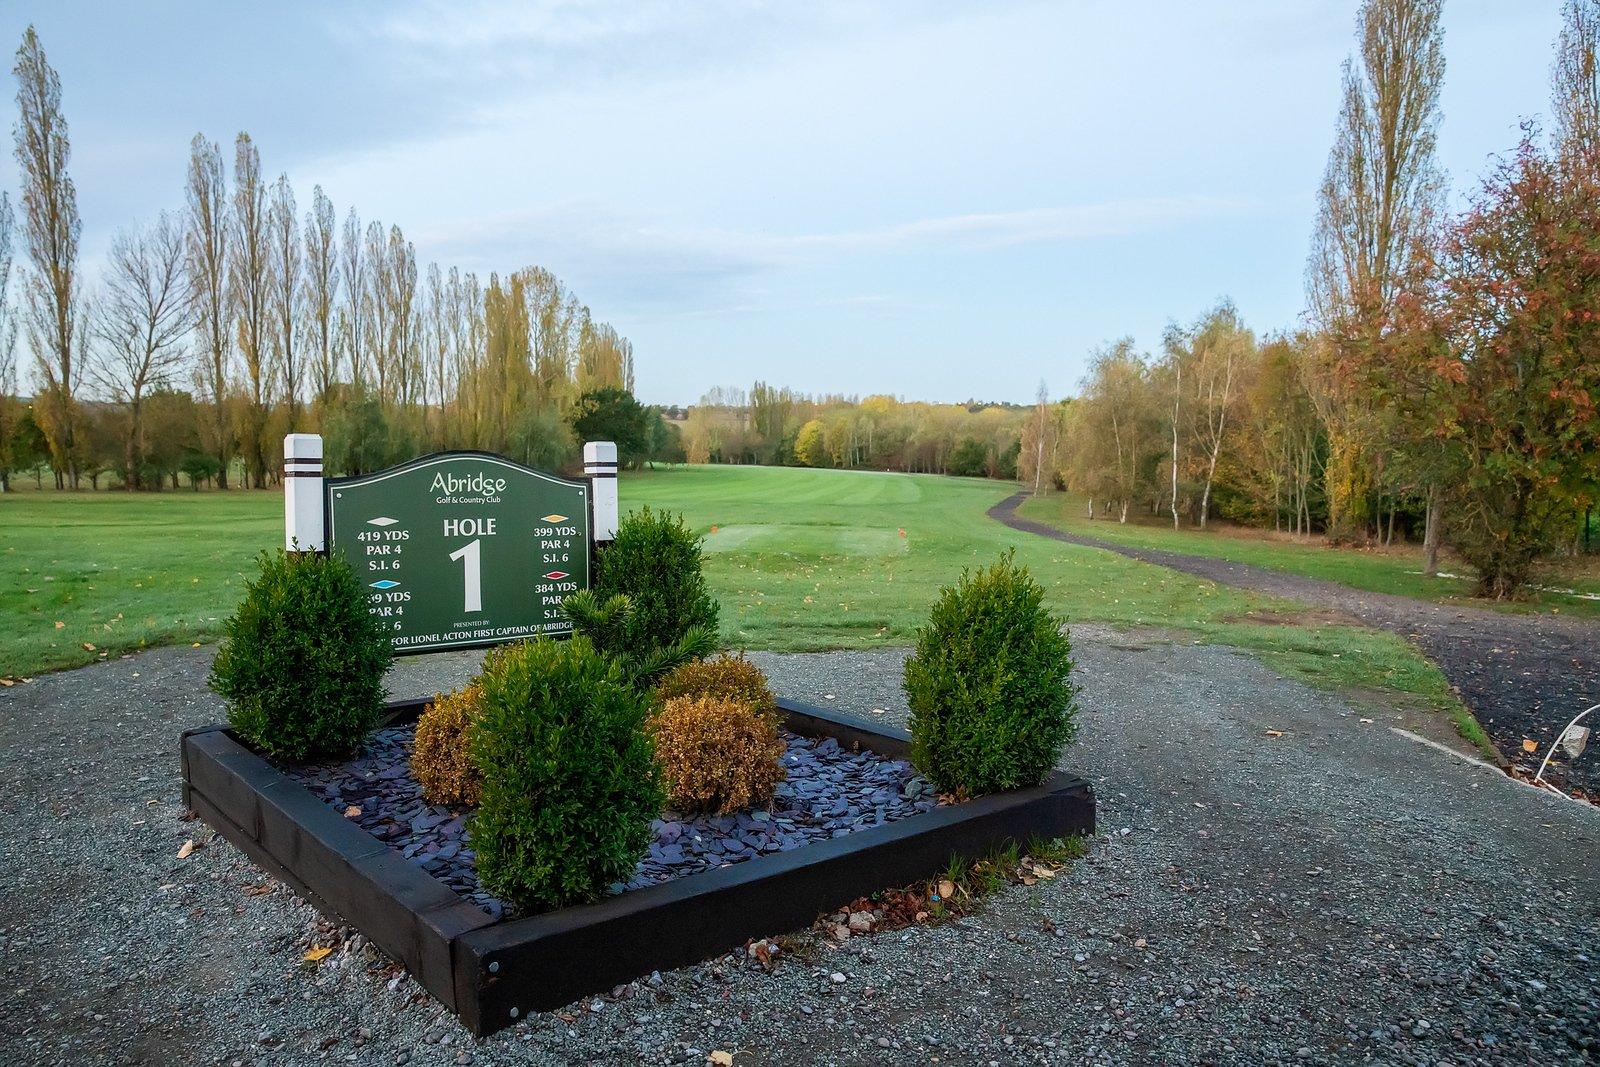 1st tee at Abridge Golf Club